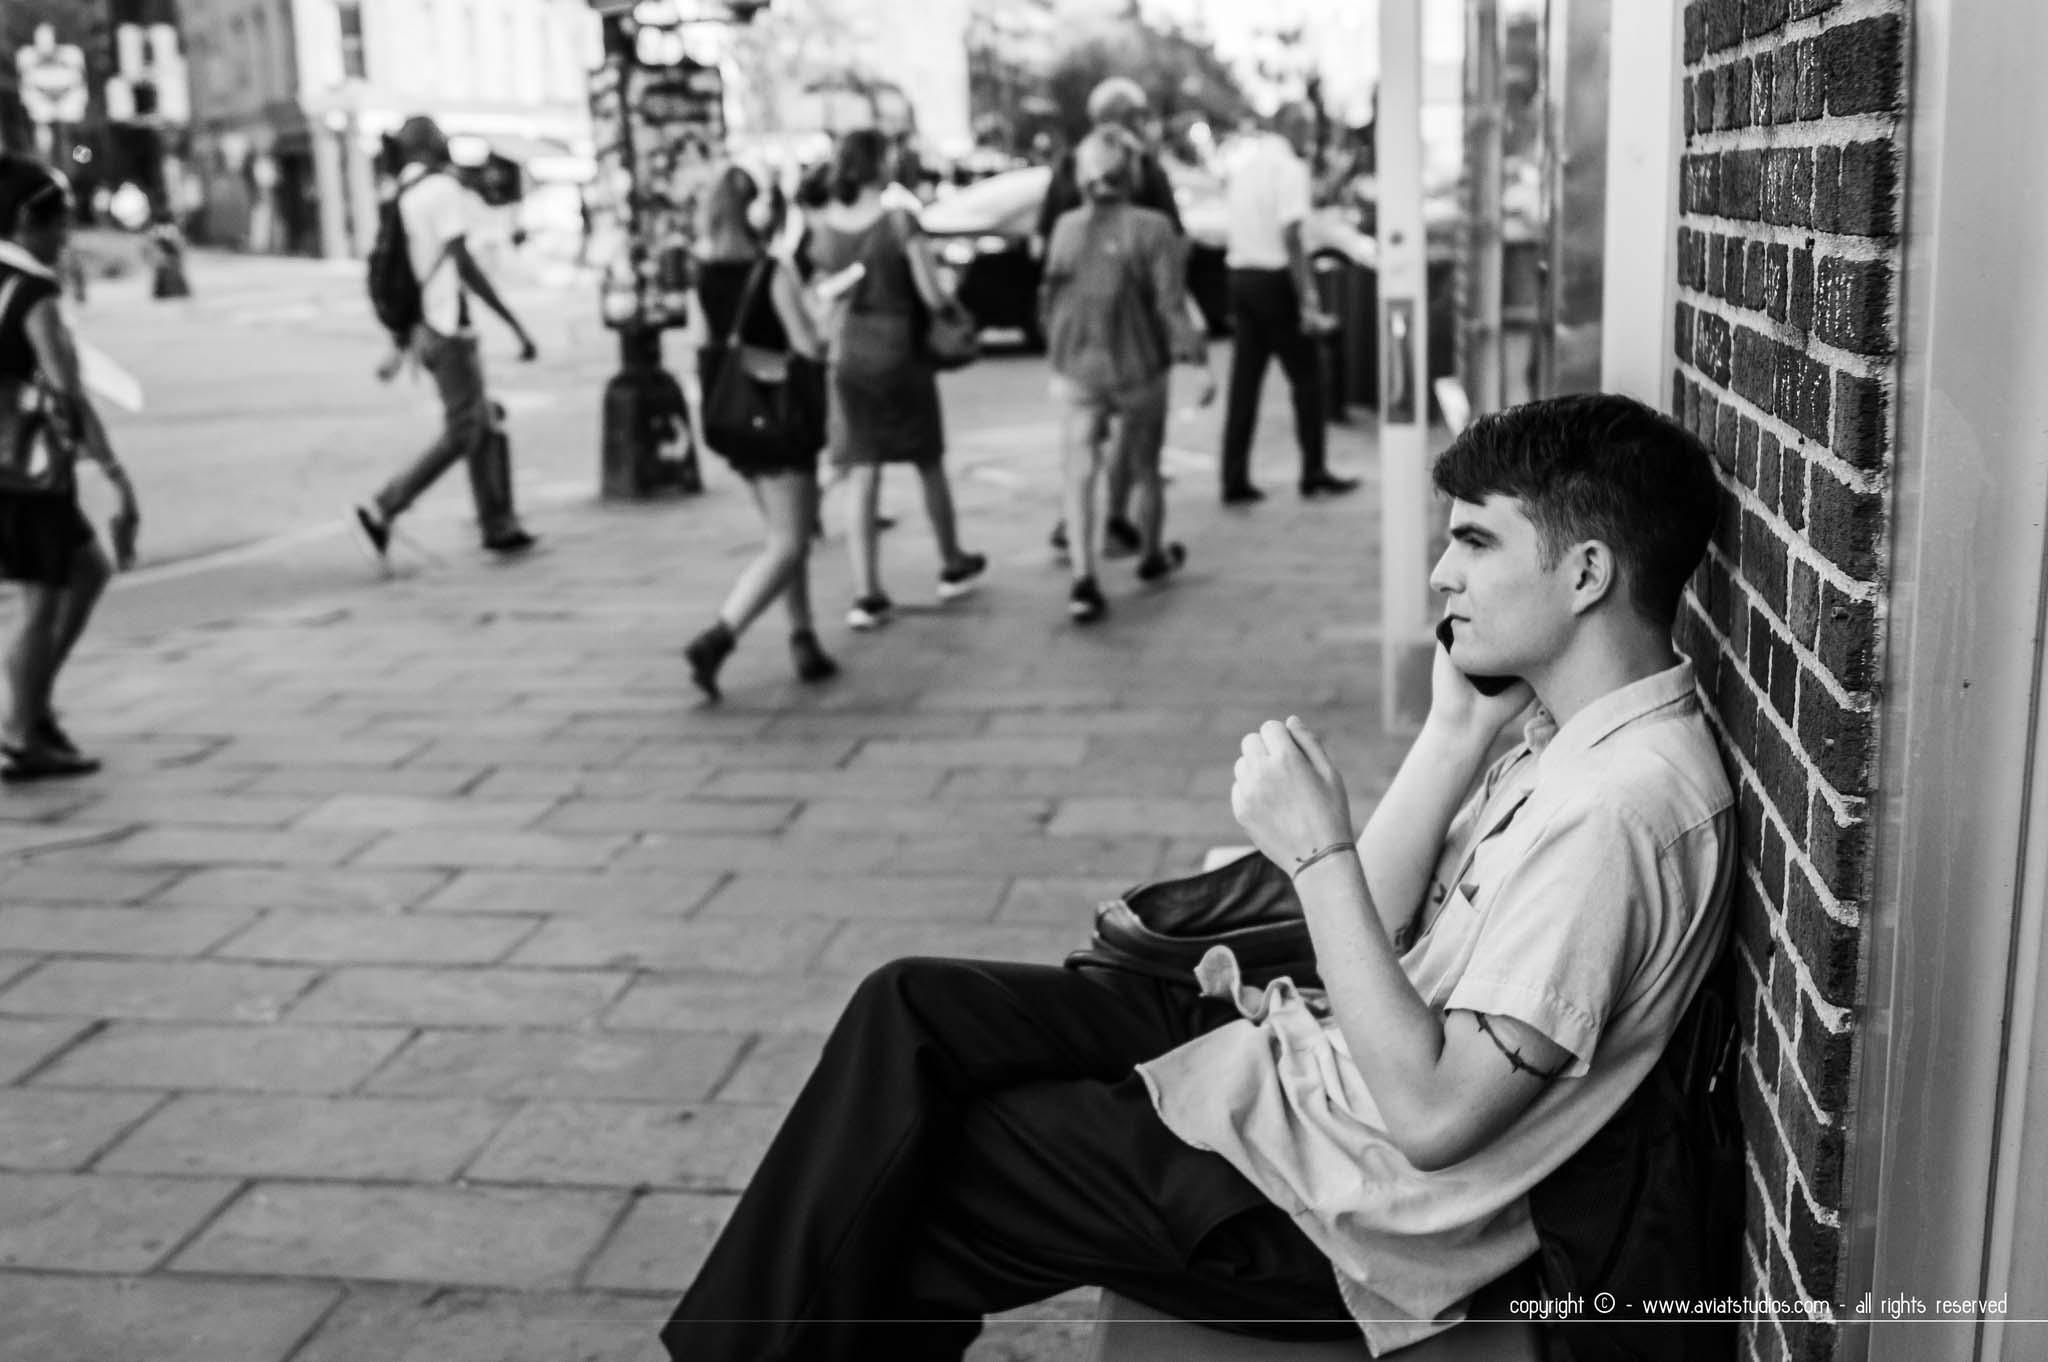 Un week-end à New-York - photo en noir et blanc d'un new-yorkais au téléphone assis dans la rue